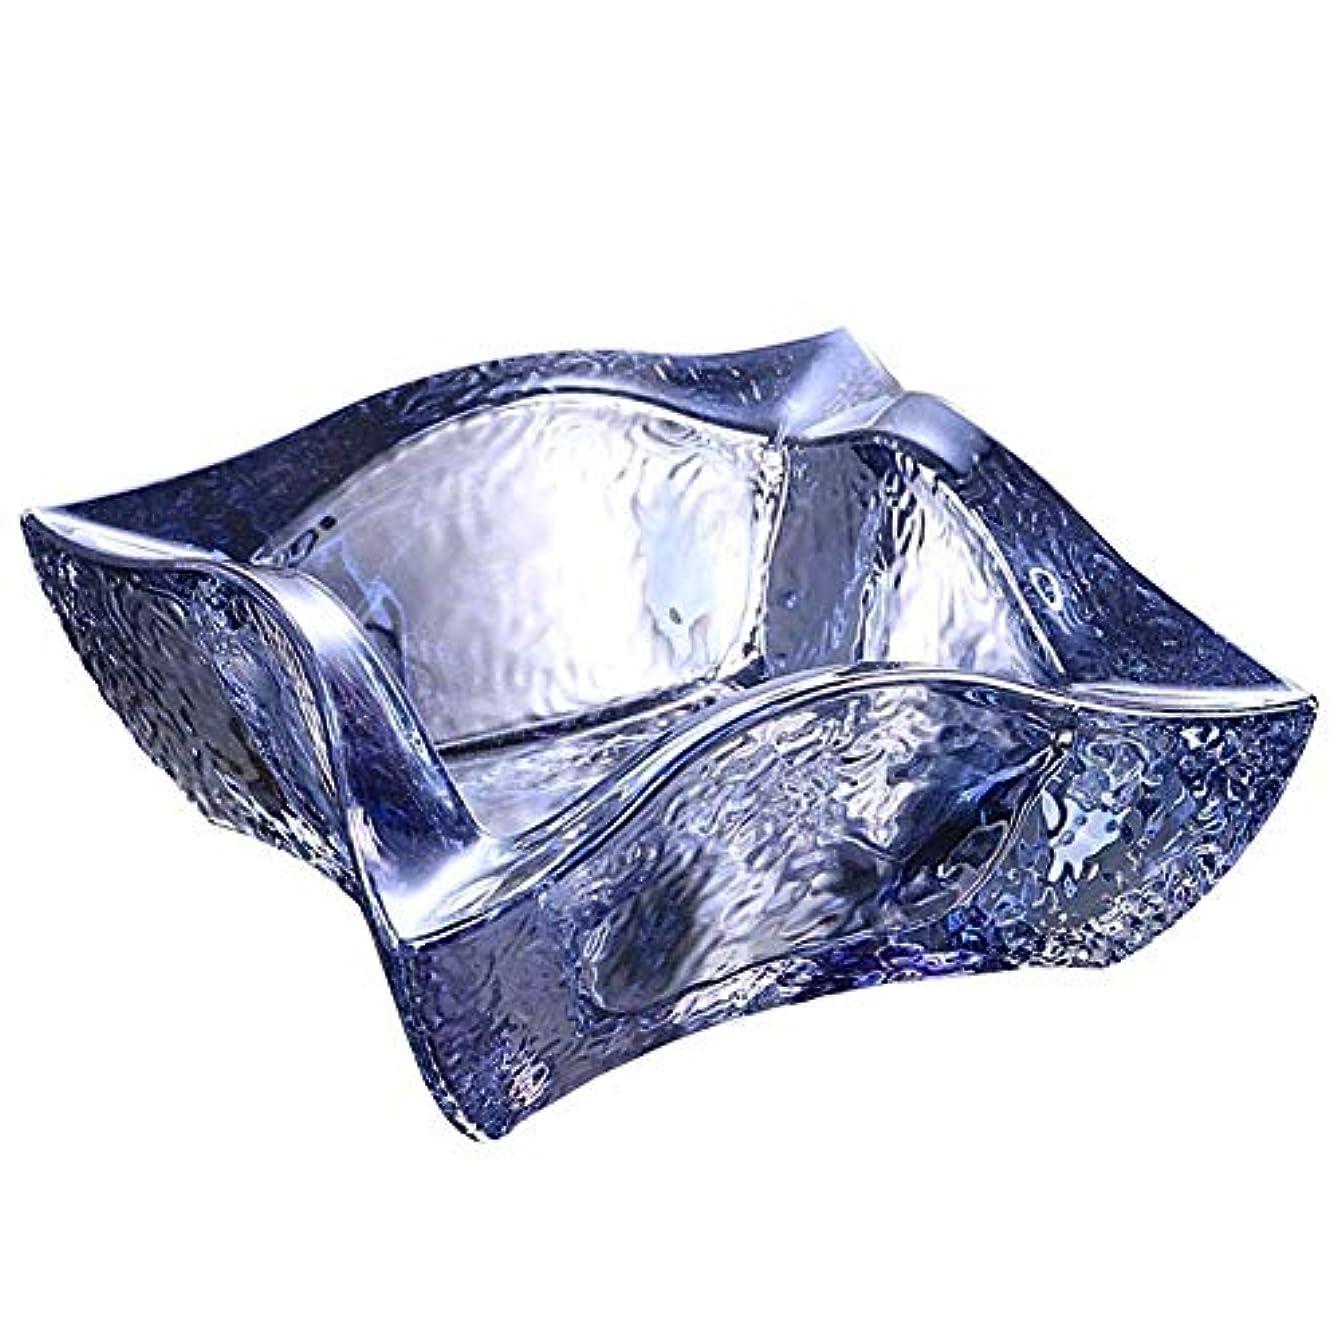 後方珍しい星ファッション透明ガラスクリスタル灰皿クリエイティブオフィスリビングルームの装飾多機能灰皿(色:アクアブルー)